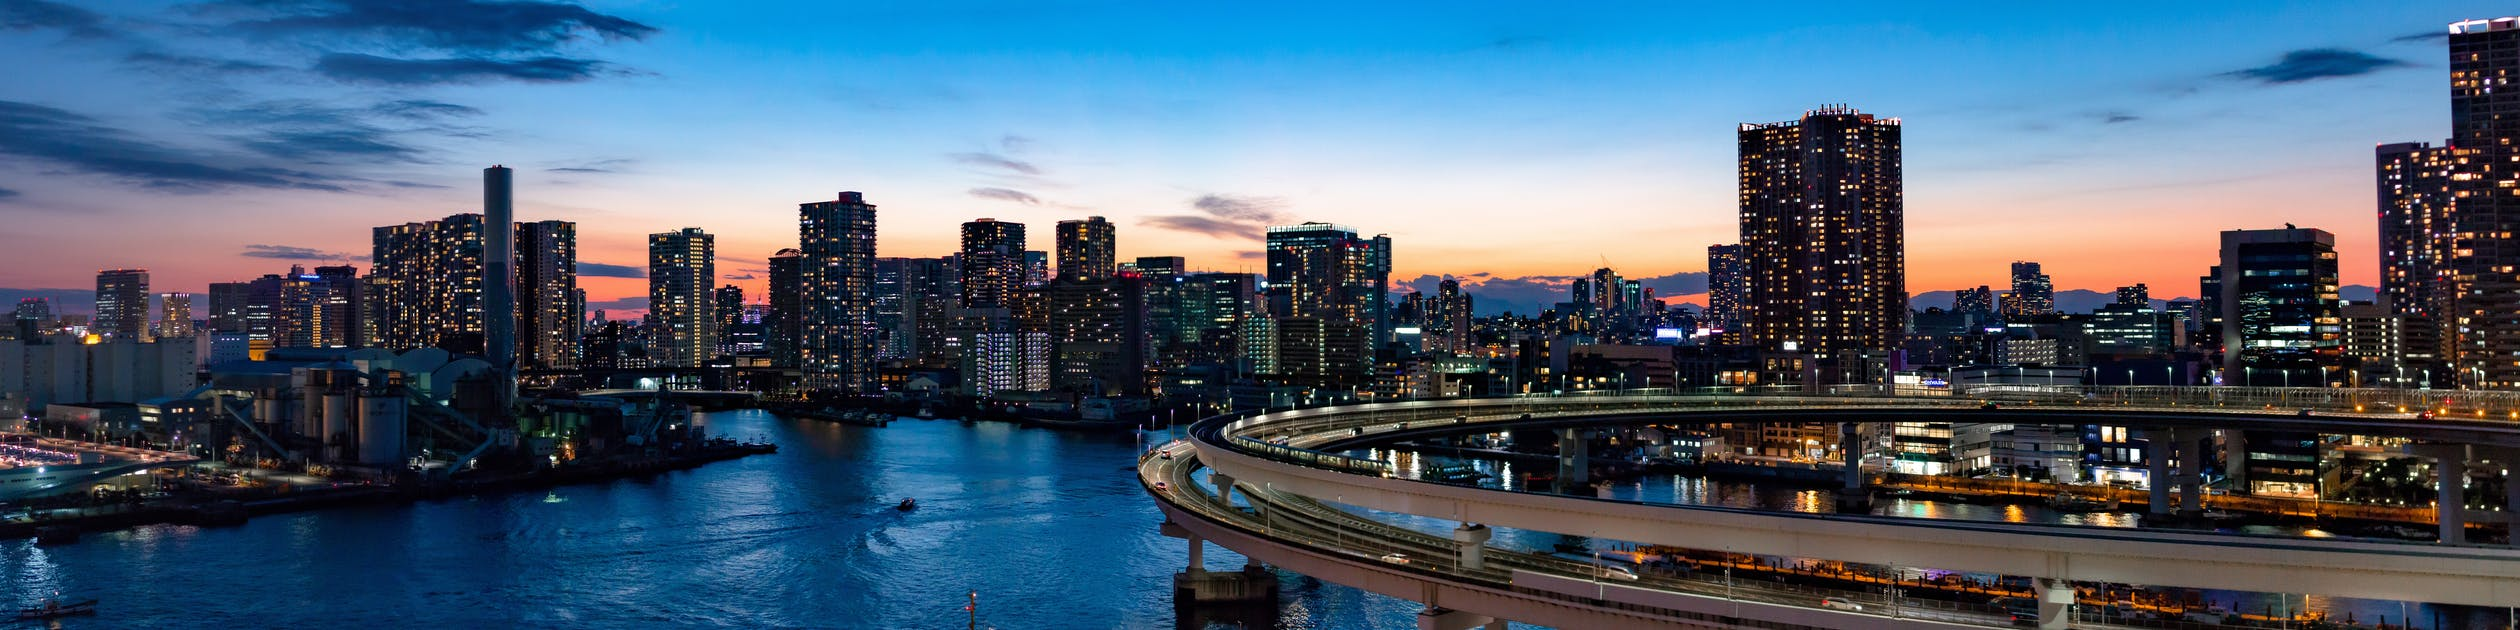 Tokyotraffic